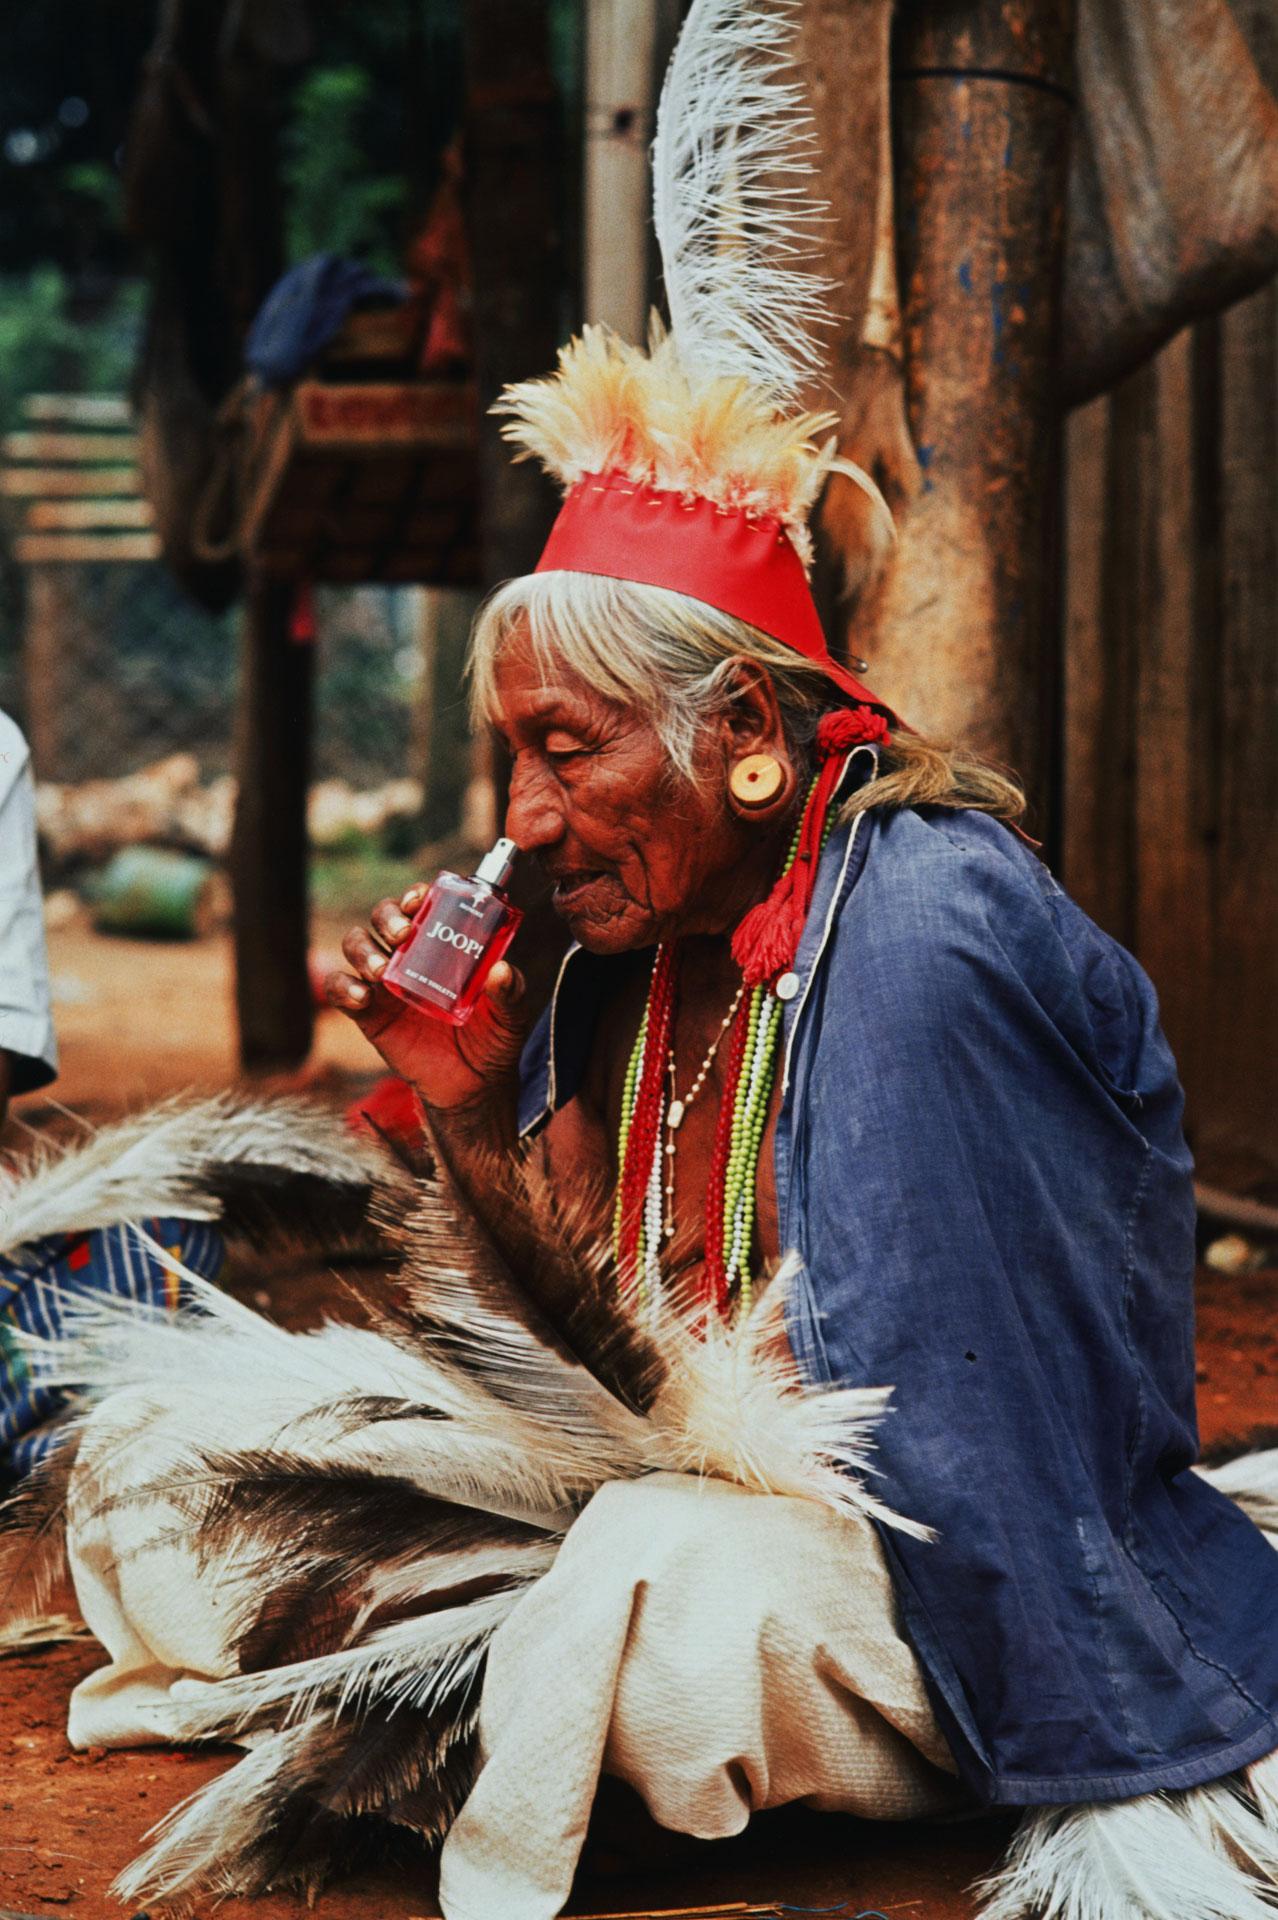 Indianer. Joop. © 2004 Gabo/Agentur Focus